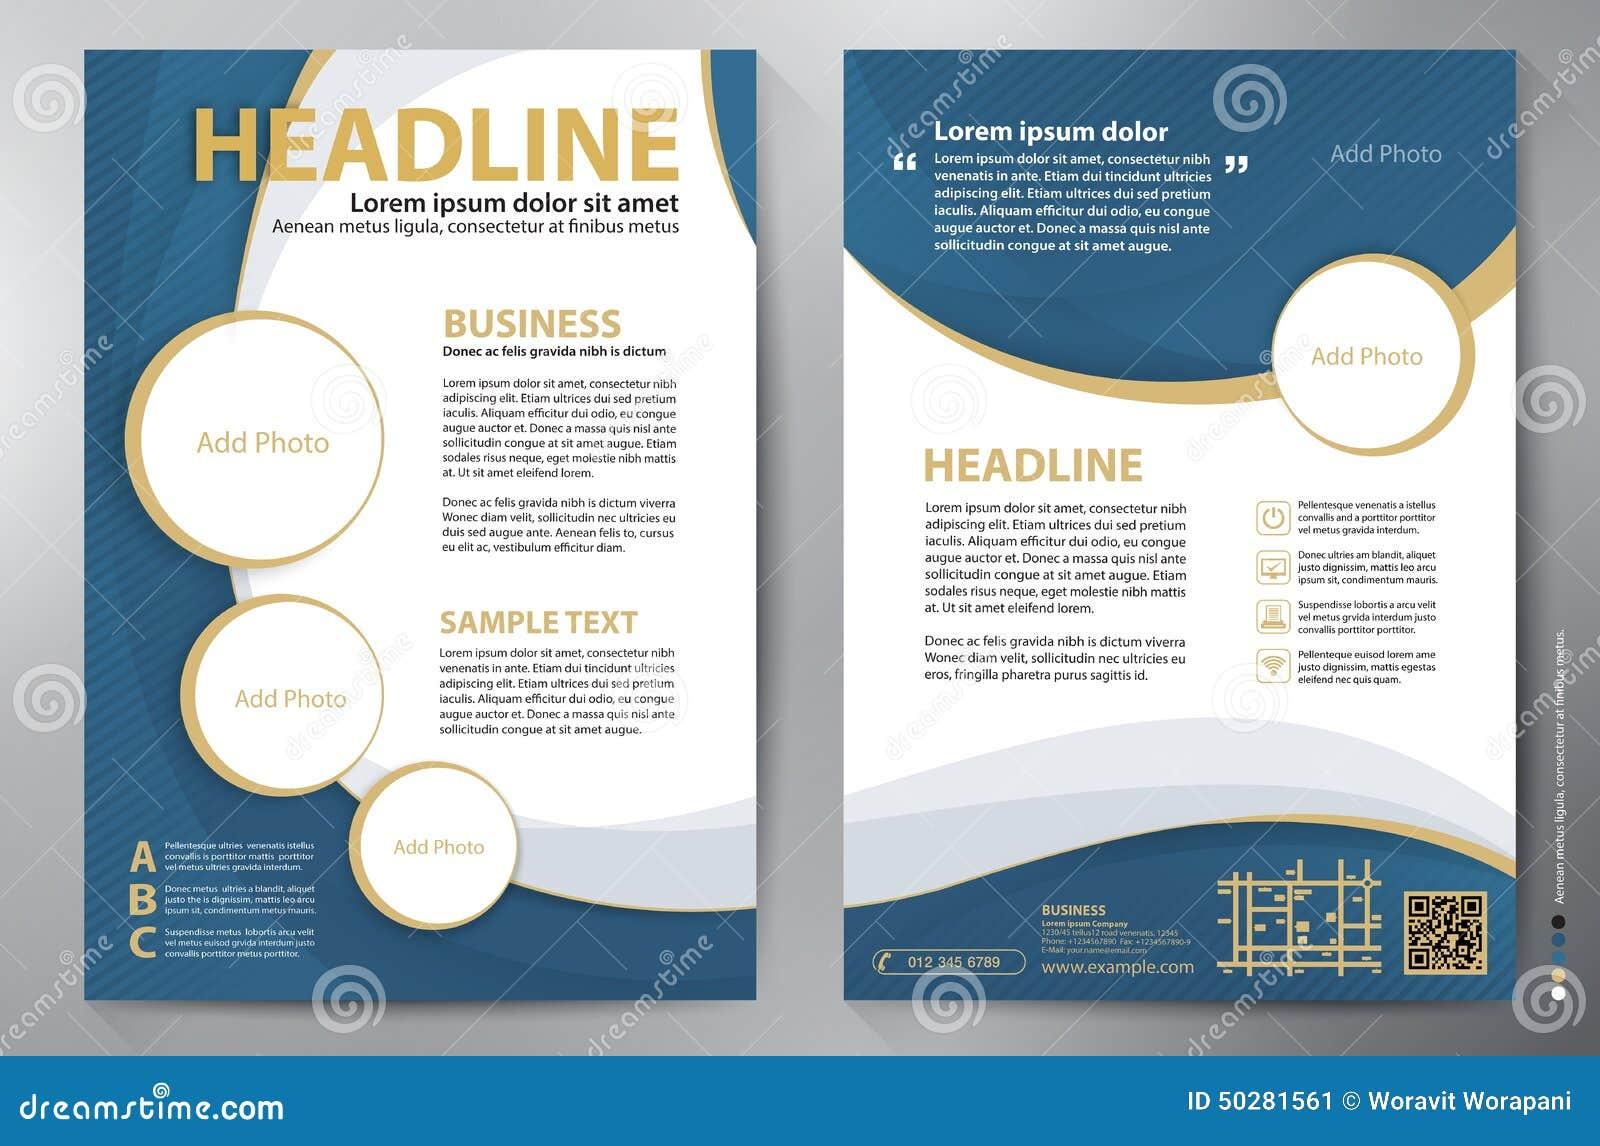 Brochure Design A4 Vector Template Stock Vector - Image: 50281561